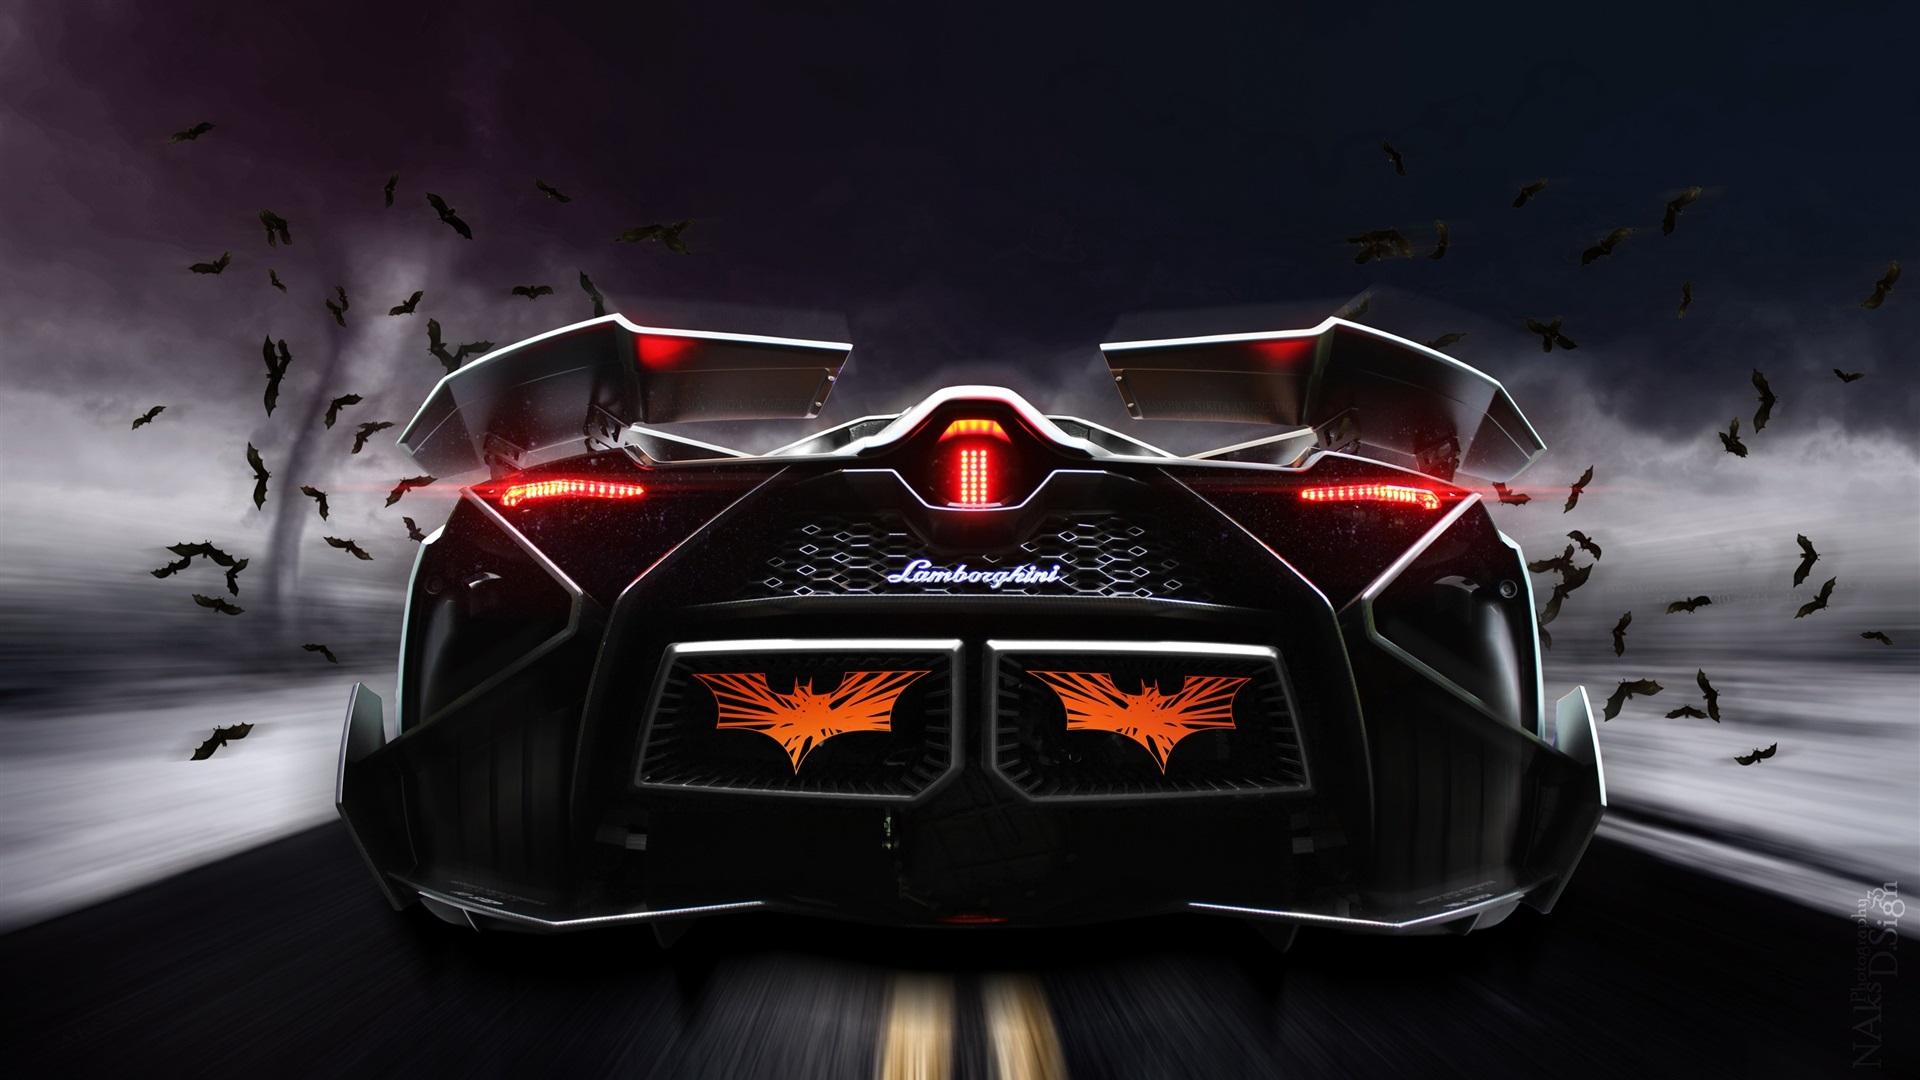 Wallpaper Lamborghini Egoista Concept Supercar Rear View 1920x1080